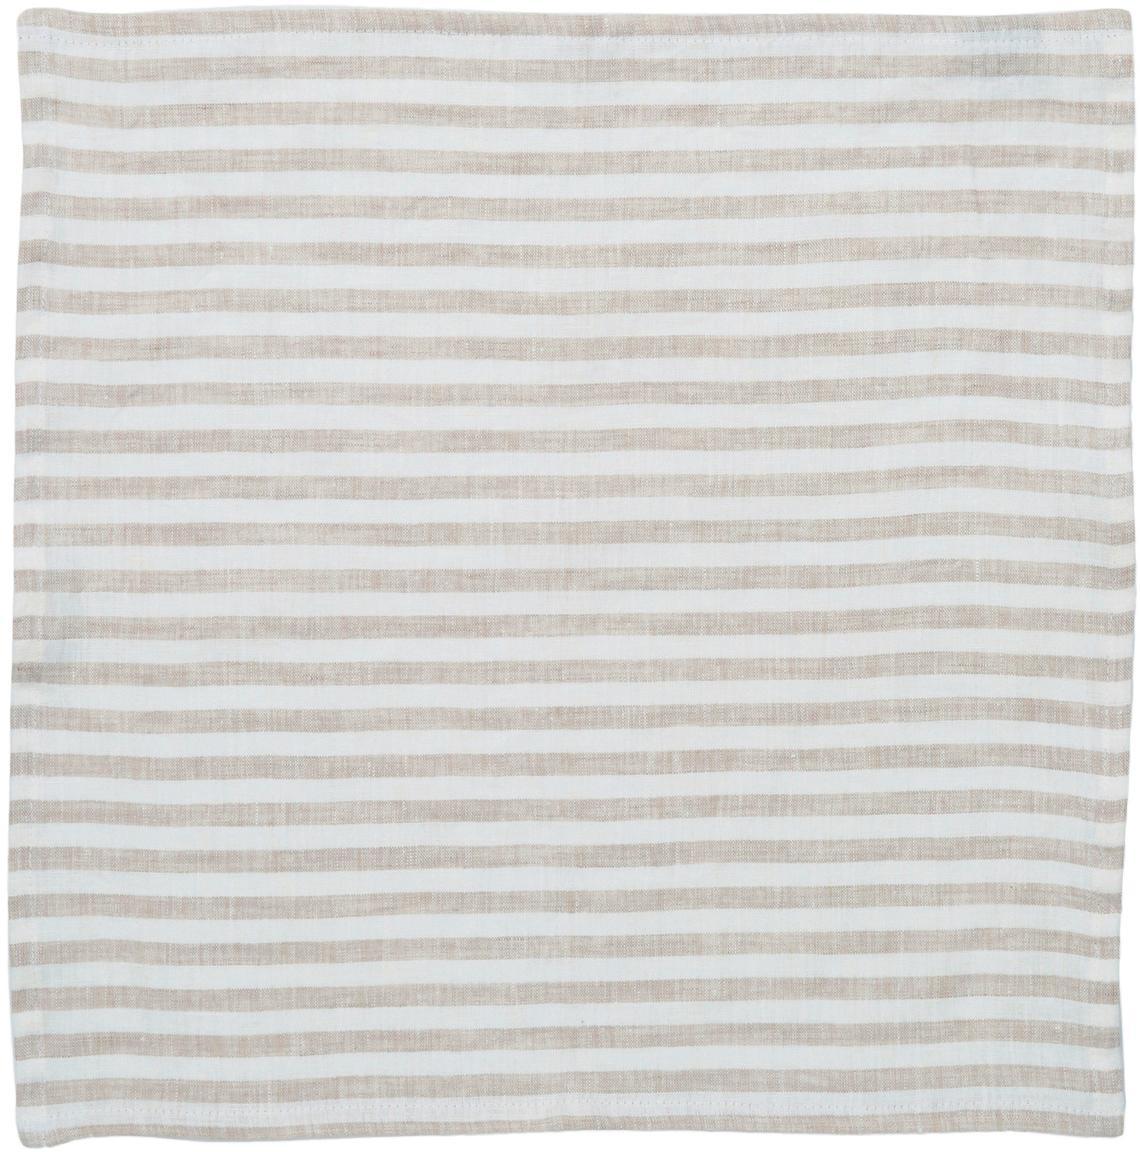 Servilletas de lino Solami, 6uds., Lino, Beige, blanco, An 46 x L 46 cm